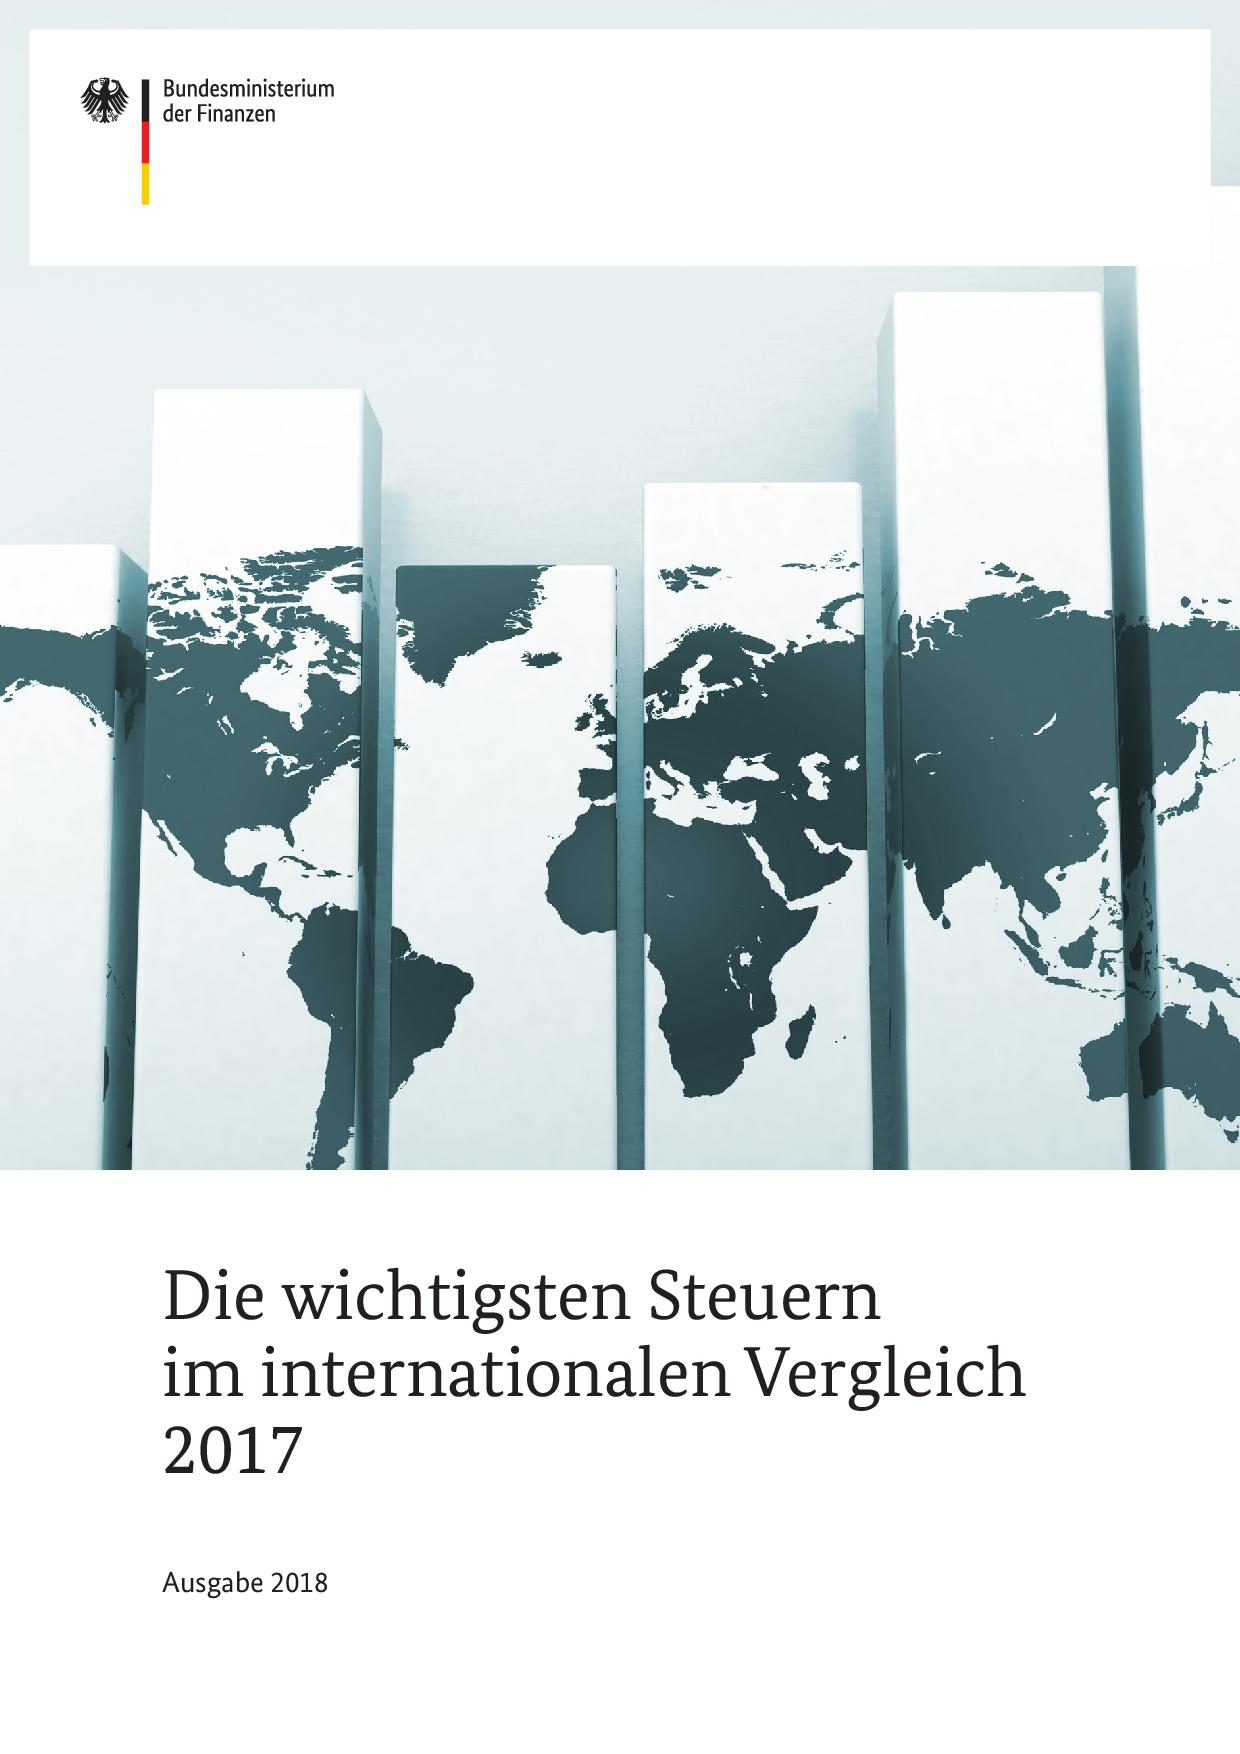 Die wichtigsten Steuern im internationalen Vergleich